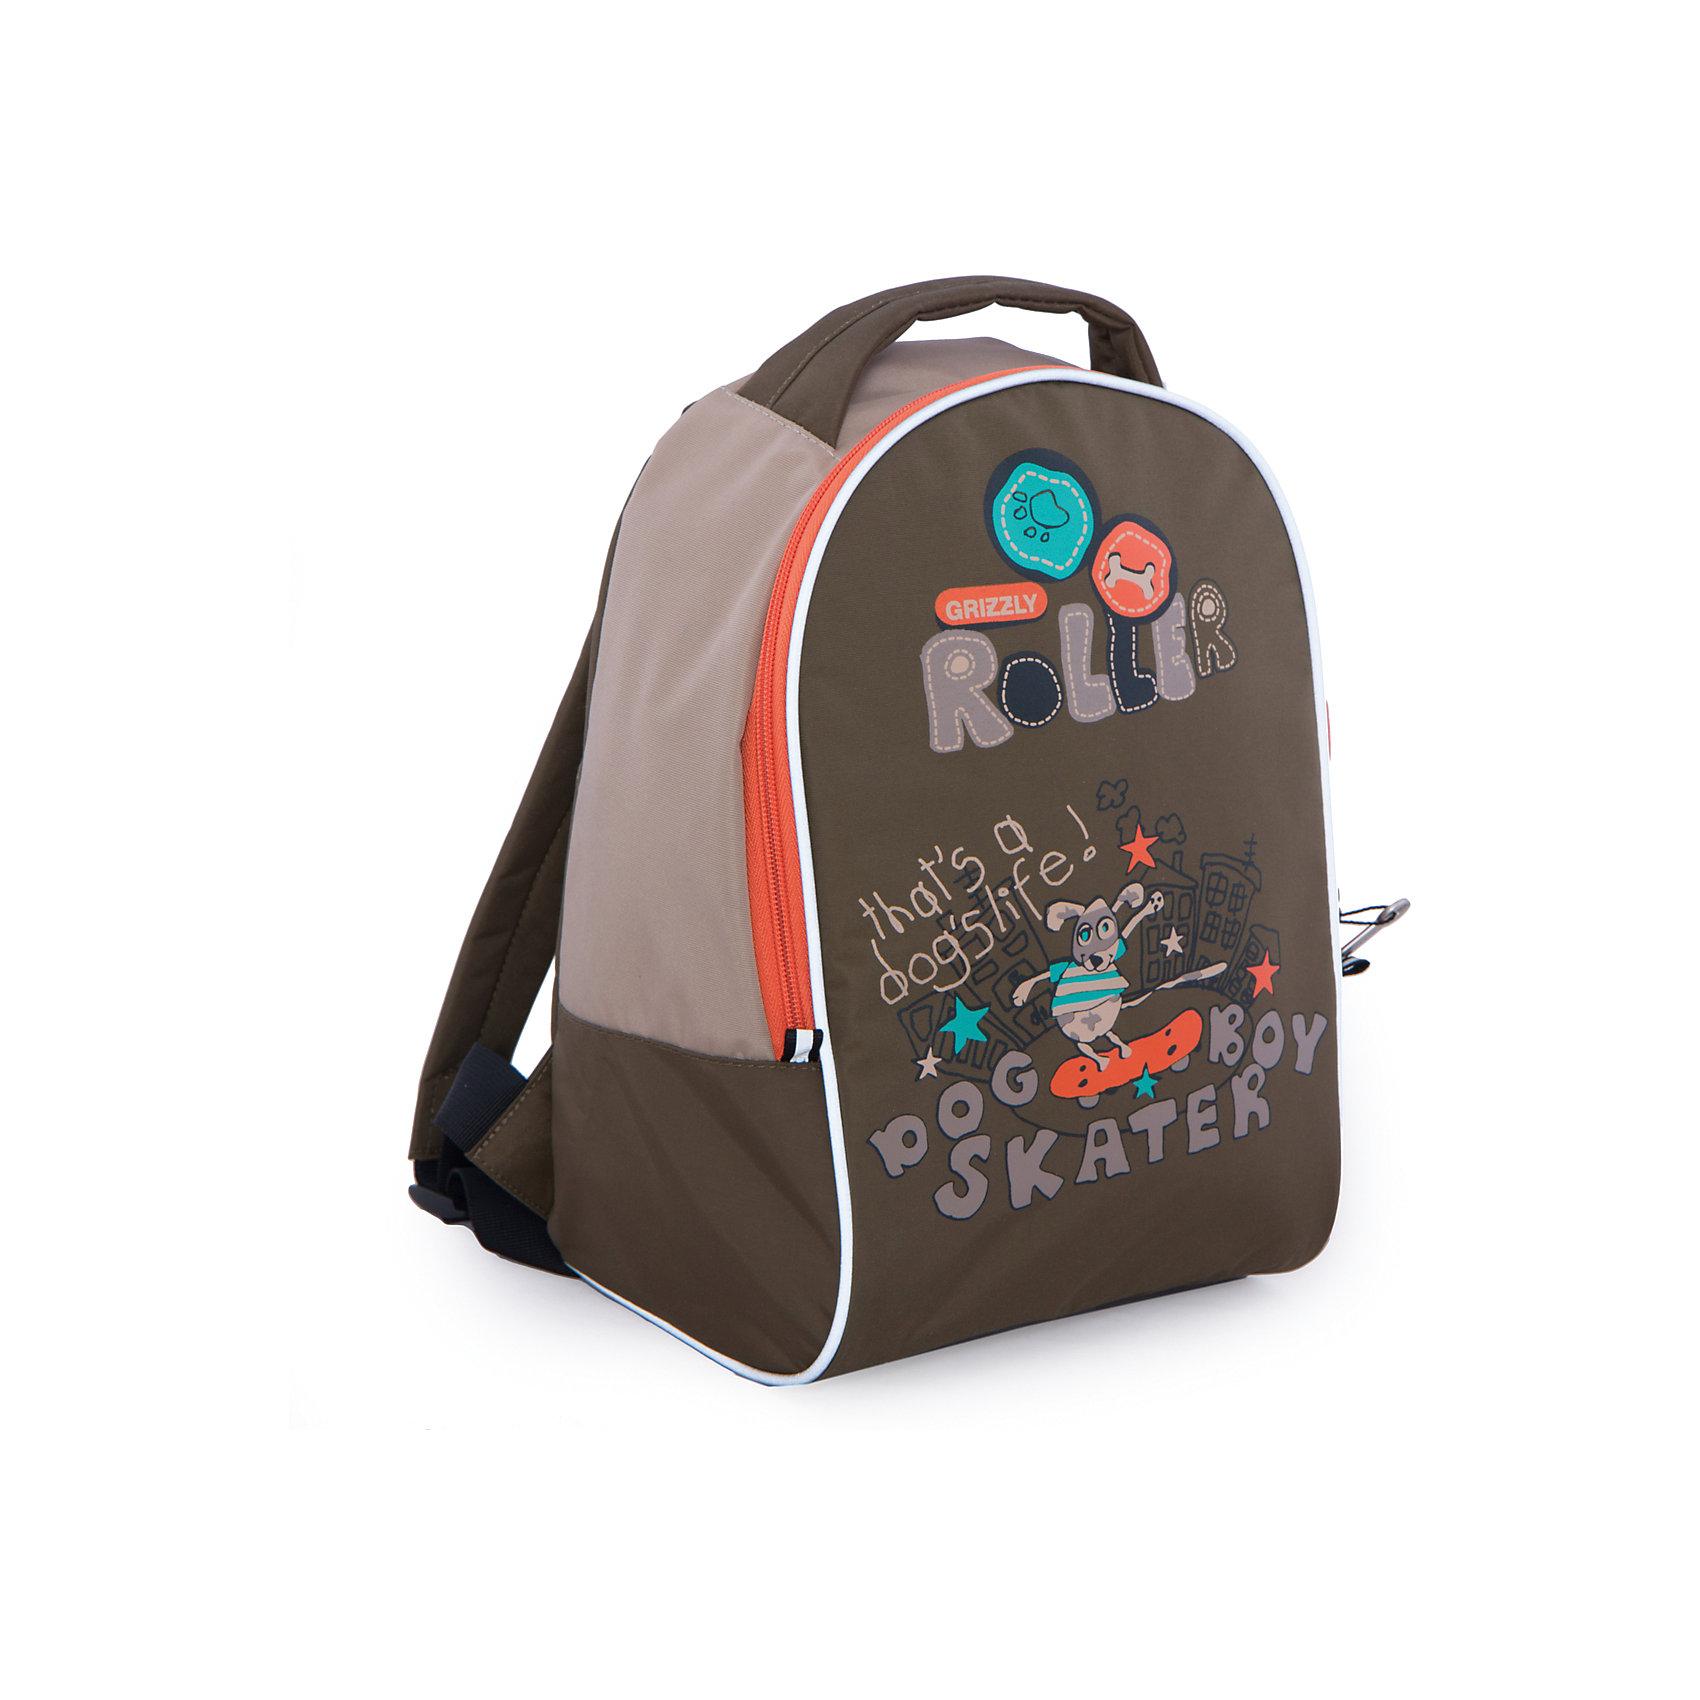 Grizzly Рюкзак детский, бежевыйДетские рюкзаки<br>Детский рюкзак, бежевый, Grizzly (Гризли) ? рюкзак отечественного бренда Гризли детской серии. Легкий и прочный, рюкзак учитывает все анатомические и возрастные особенности детей дошкольного возраста. Все рюкзаки детской серии ортопедические, с укрепленной спинкой и широкими регулируемыми под рост ребенка лямками, что защищает от развития искривления позвоночника.<br>Детский рюкзак (Гризли) изготовлен из таслана, отличительными свойствами которого является водонепрницаемость, способность сохранять форму, устойчивость к загрязнениям и повреждениям. За рюкзаком из таслана очень легко ухаживать: его можно стирать, он быстро высыхает, при частых стирках не теряет форму и цвет.<br>Детские рюкзаки Grizzly отличаются ярким дизайном, оригинальными цветовыми решениями как самого рюкзака, так и его аксессуаров и элементов: декоративные застежки-молнии, швы, выполненные цветными капроновыми нитками, обеспечивают качество и надежность эксплуатации.<br>Все рюкзаки детской серии многофункциональны и удобны: их можно брать с собой на прогулку, на спортивные и творческие занятия. Детям, которые готовятся к школе, рюкзак станет обязательным атрибутом подготовки к школьной жизни.<br>Детский рюкзак, бежевый, Grizzly (Гризли) состоит из одного вместительного отделения и внутреннего кармана. На передней стенке имеется объемный карман на молнии. Для обеспечения безопасности передвижения ребенка в темное время суток рюкзак с четырех сторон оснащен светоотражающими элементами. На передней стенке рюкзака имеется забавная сюжетная аппликация. Детский рюкзак, бежевый, Grizzly (Гризли) ? это качество материалов, безопасность, стиль и долговечность использования. <br><br><br>Дополнительная информация:<br><br>- Вес: 281 г<br>- Габариты (Д*Г*В): 25*13*33 см<br>- Цвет: бежевый, бирюзовый, серый, оранжевый<br>- Материал: таслан <br>- Сезон: круглый год<br>- Коллекция: детская <br>- Год коллекции: 2016 <br>- Пол: мальчики<br>- Предназначение: для про